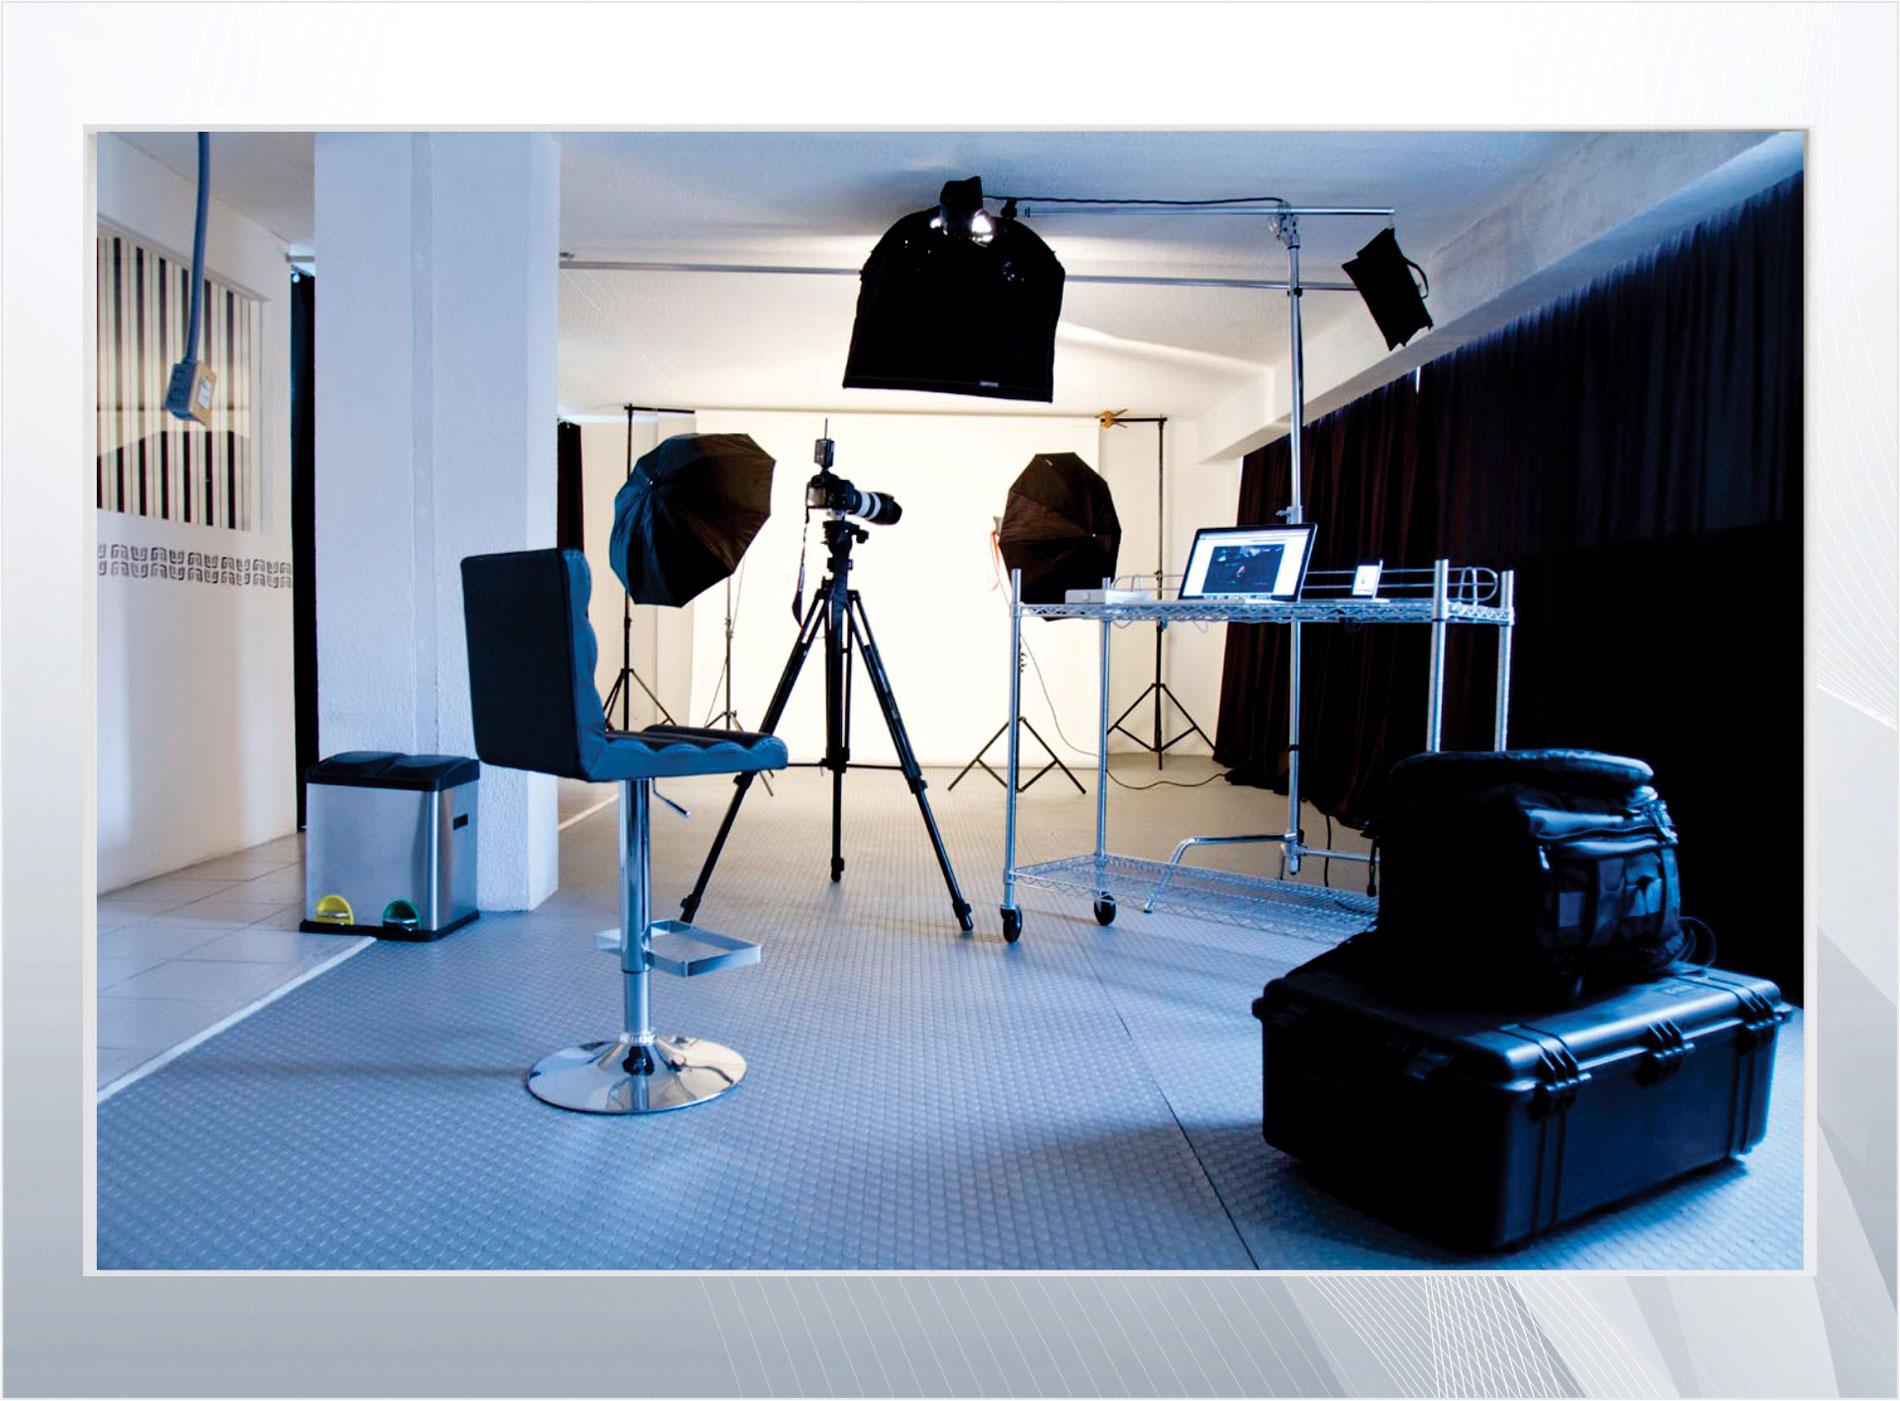 84_estudio_fotográfico_fotografía_ggcm